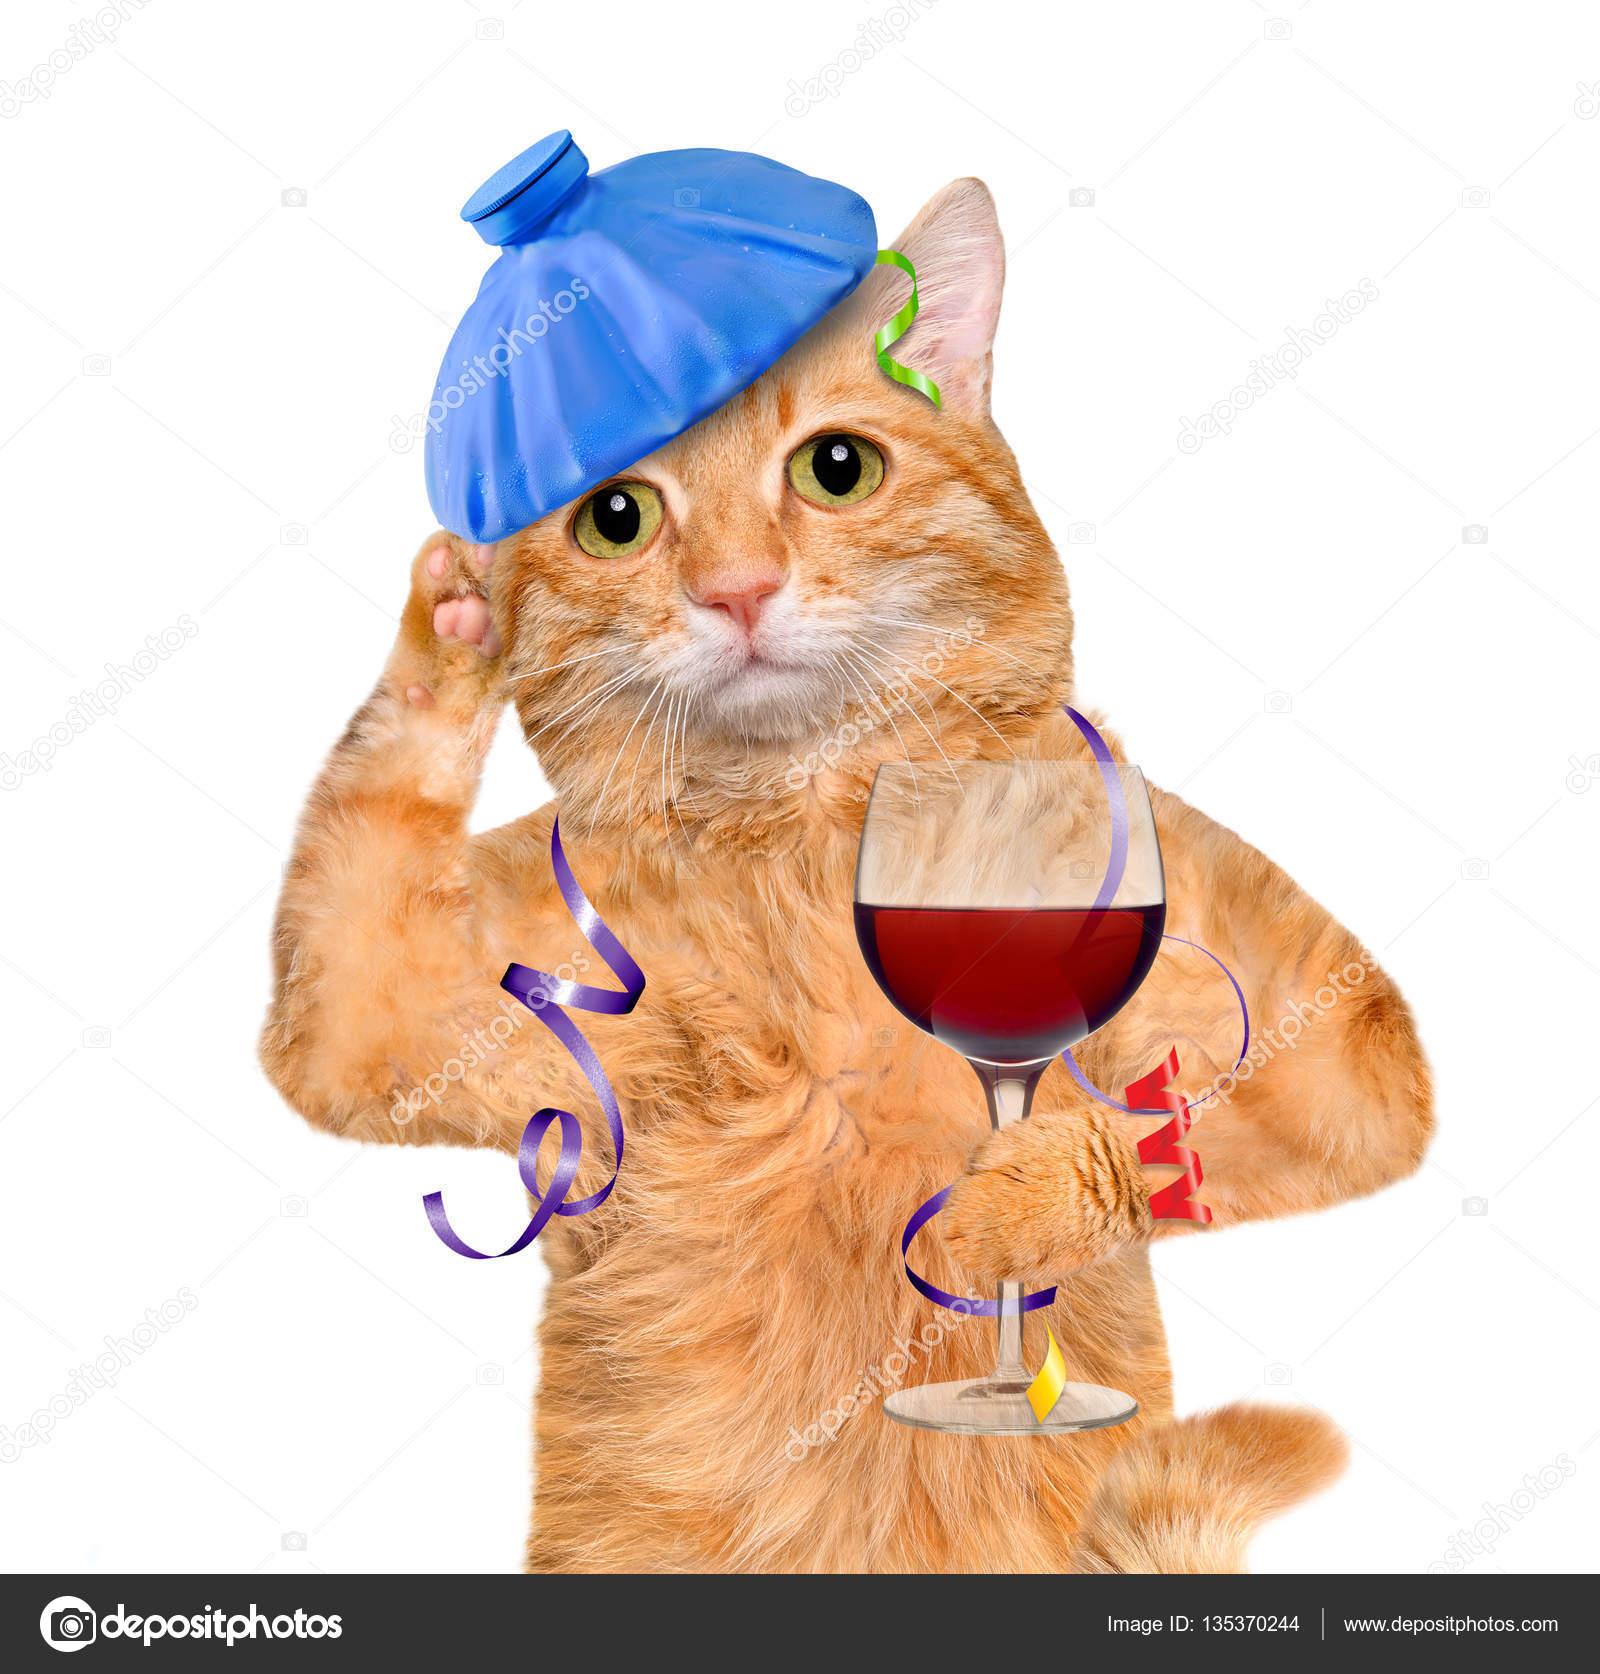 katze mit einem kater und kopfschmerzen ist ein glas wein eisbeutel auf den kopf halten. Black Bedroom Furniture Sets. Home Design Ideas